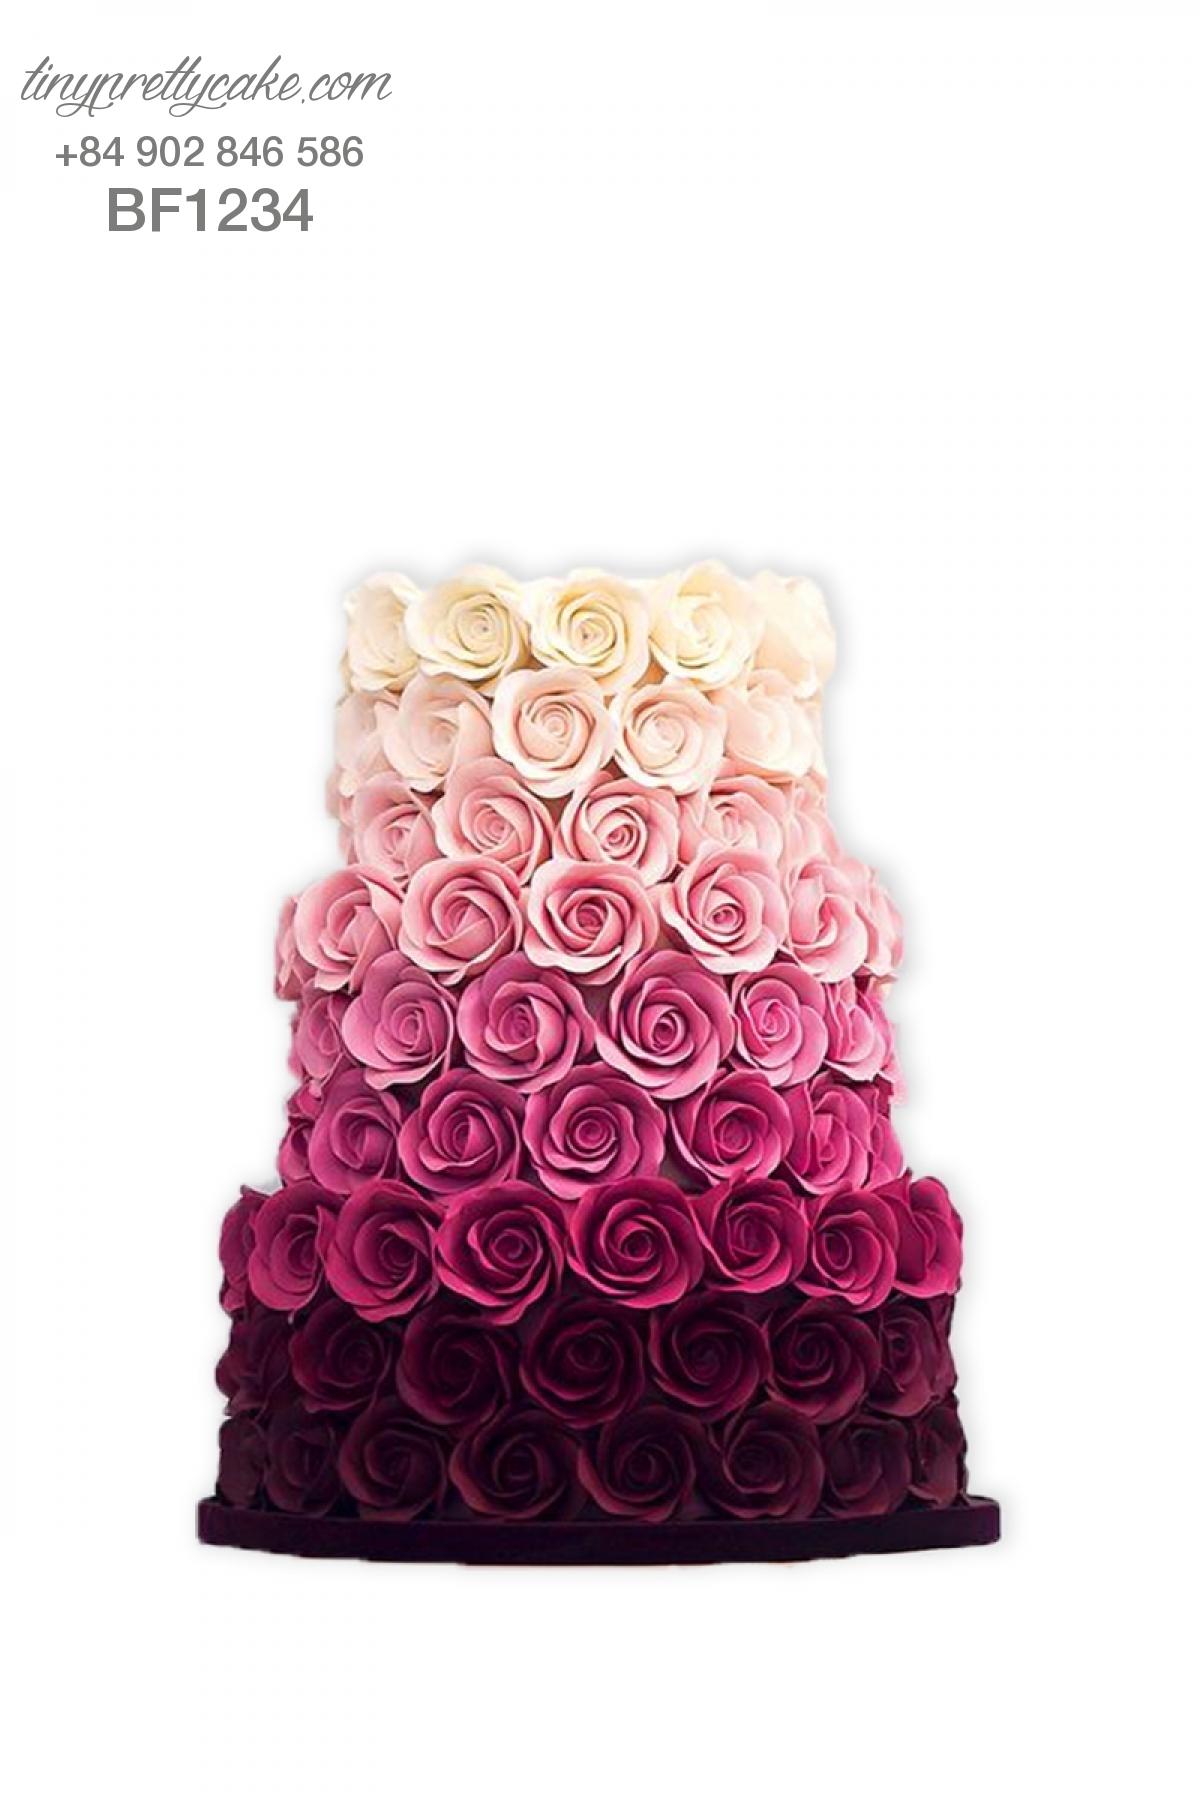 Bánh gato hoa đẹp nhất năm cho phụ nữ (BF1234)